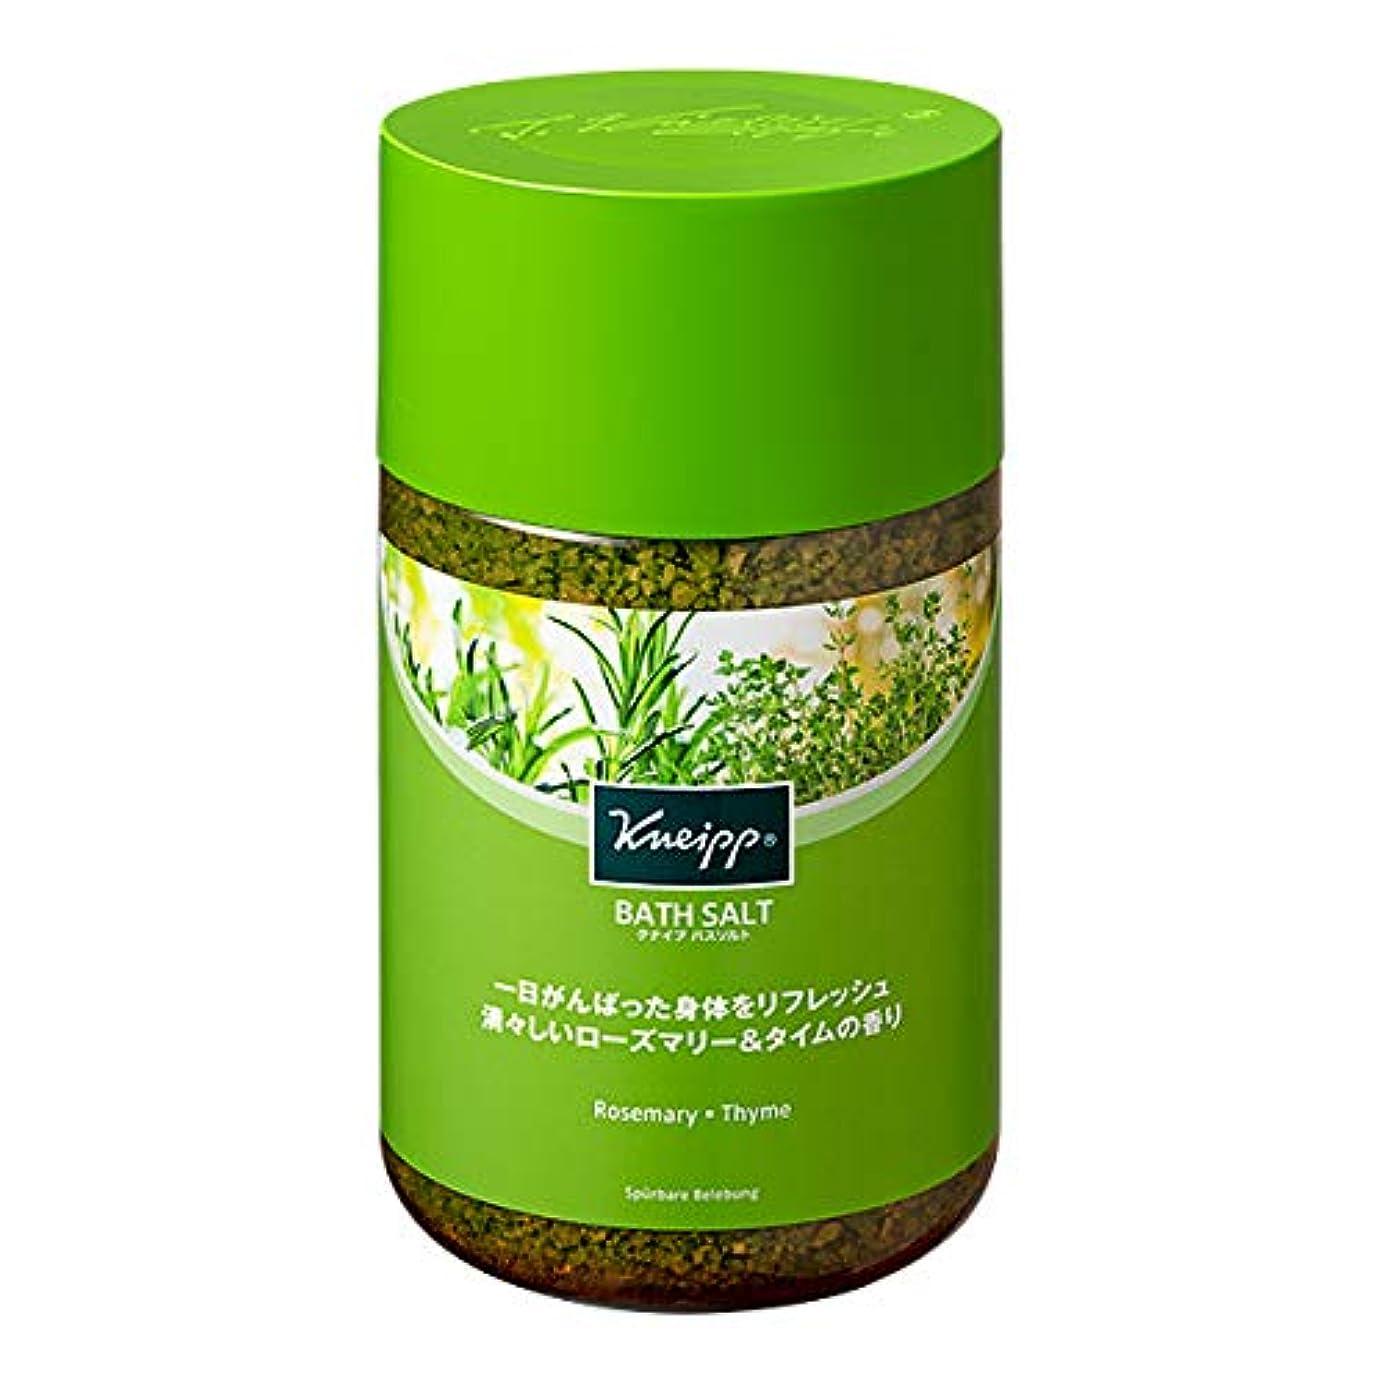 法的カブ負クナイプ(Kneipp) クナイプ バスソルト ローズマリー&タイムの香り850g 入浴剤